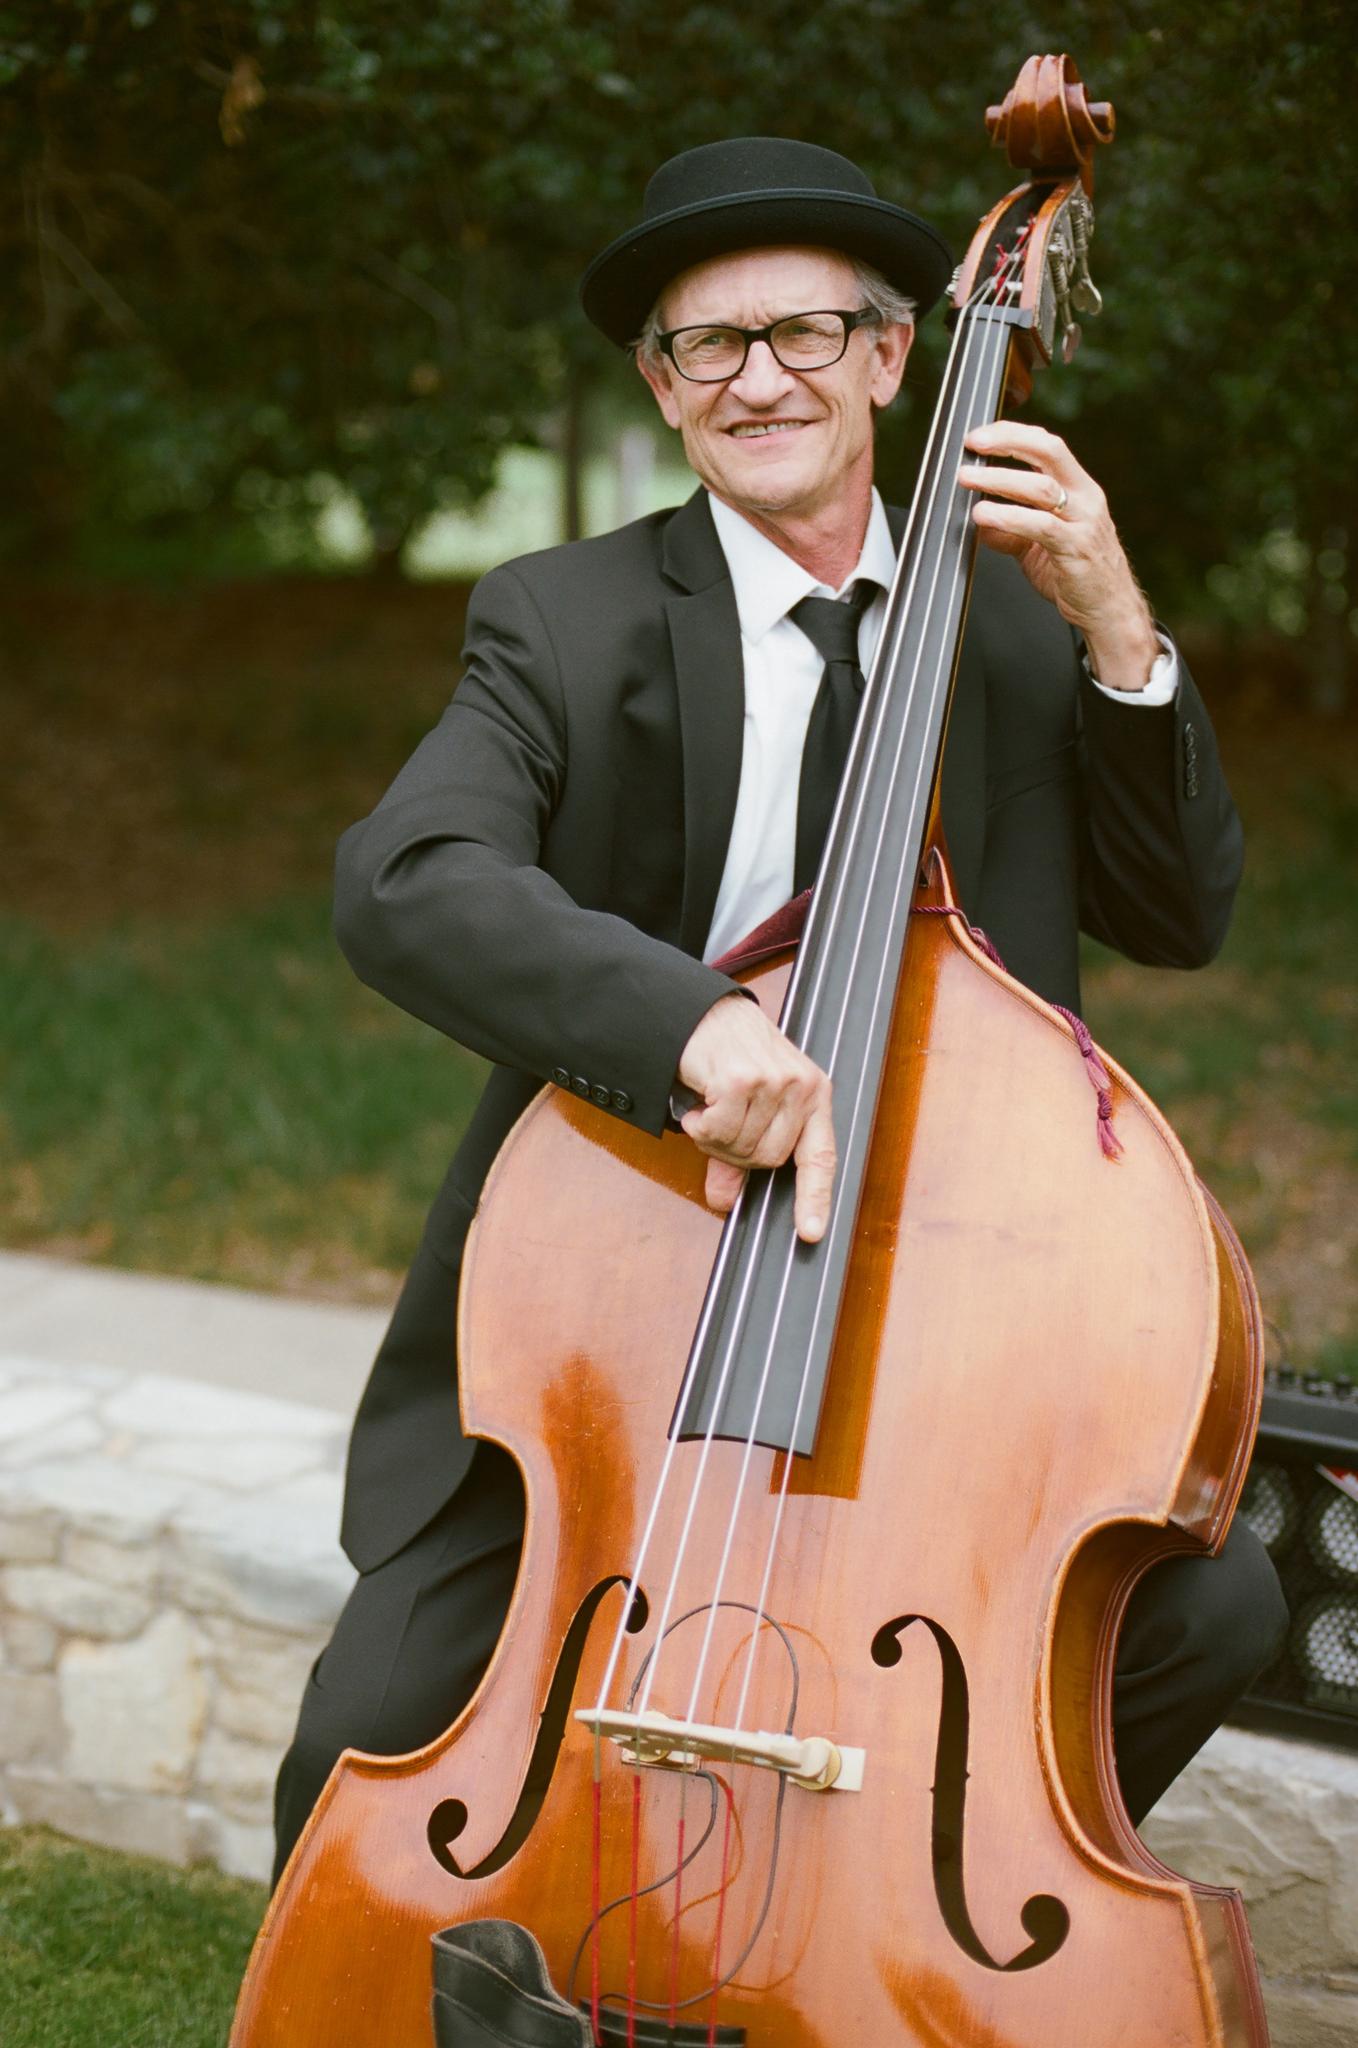 15-bass-player-wedding.jpg